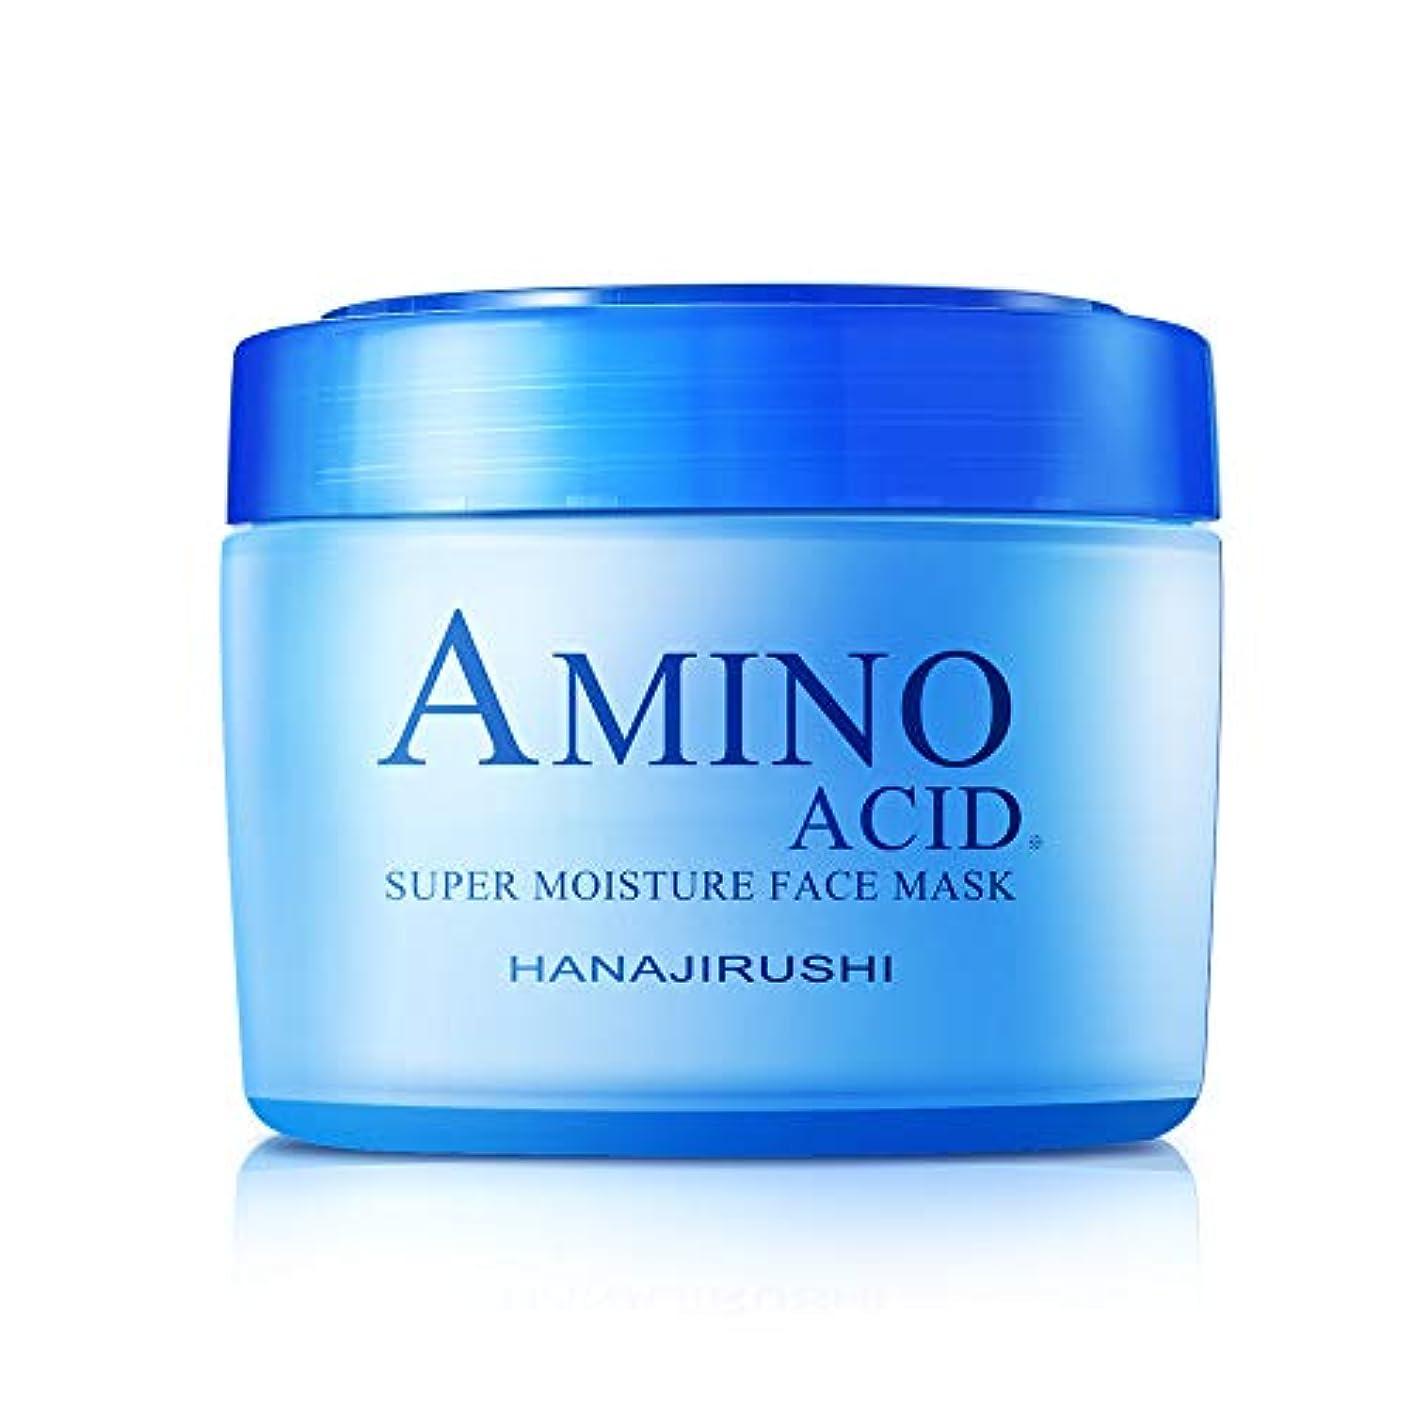 花印 超濃厚徹底保湿フェイスパック220g セラミド&アミノ酸配合 ぷるるん肌